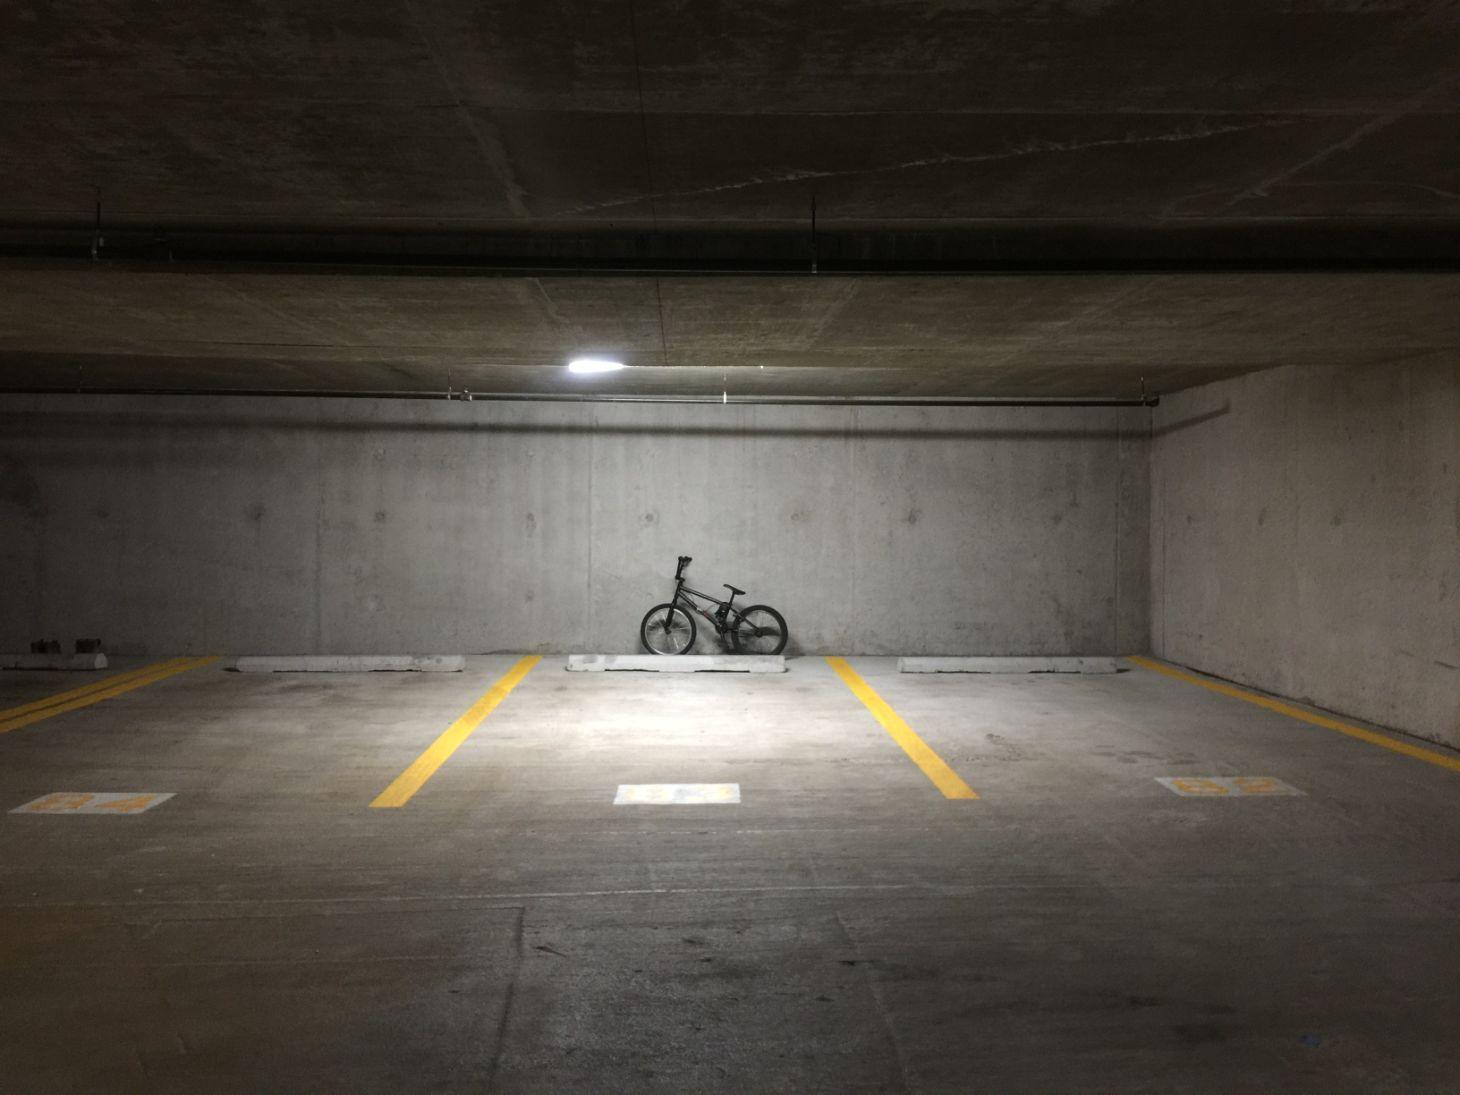 bicicleta encostada no fundo de uma vaga de garagem de condominio foto nicholas mazzaccaro unsplash